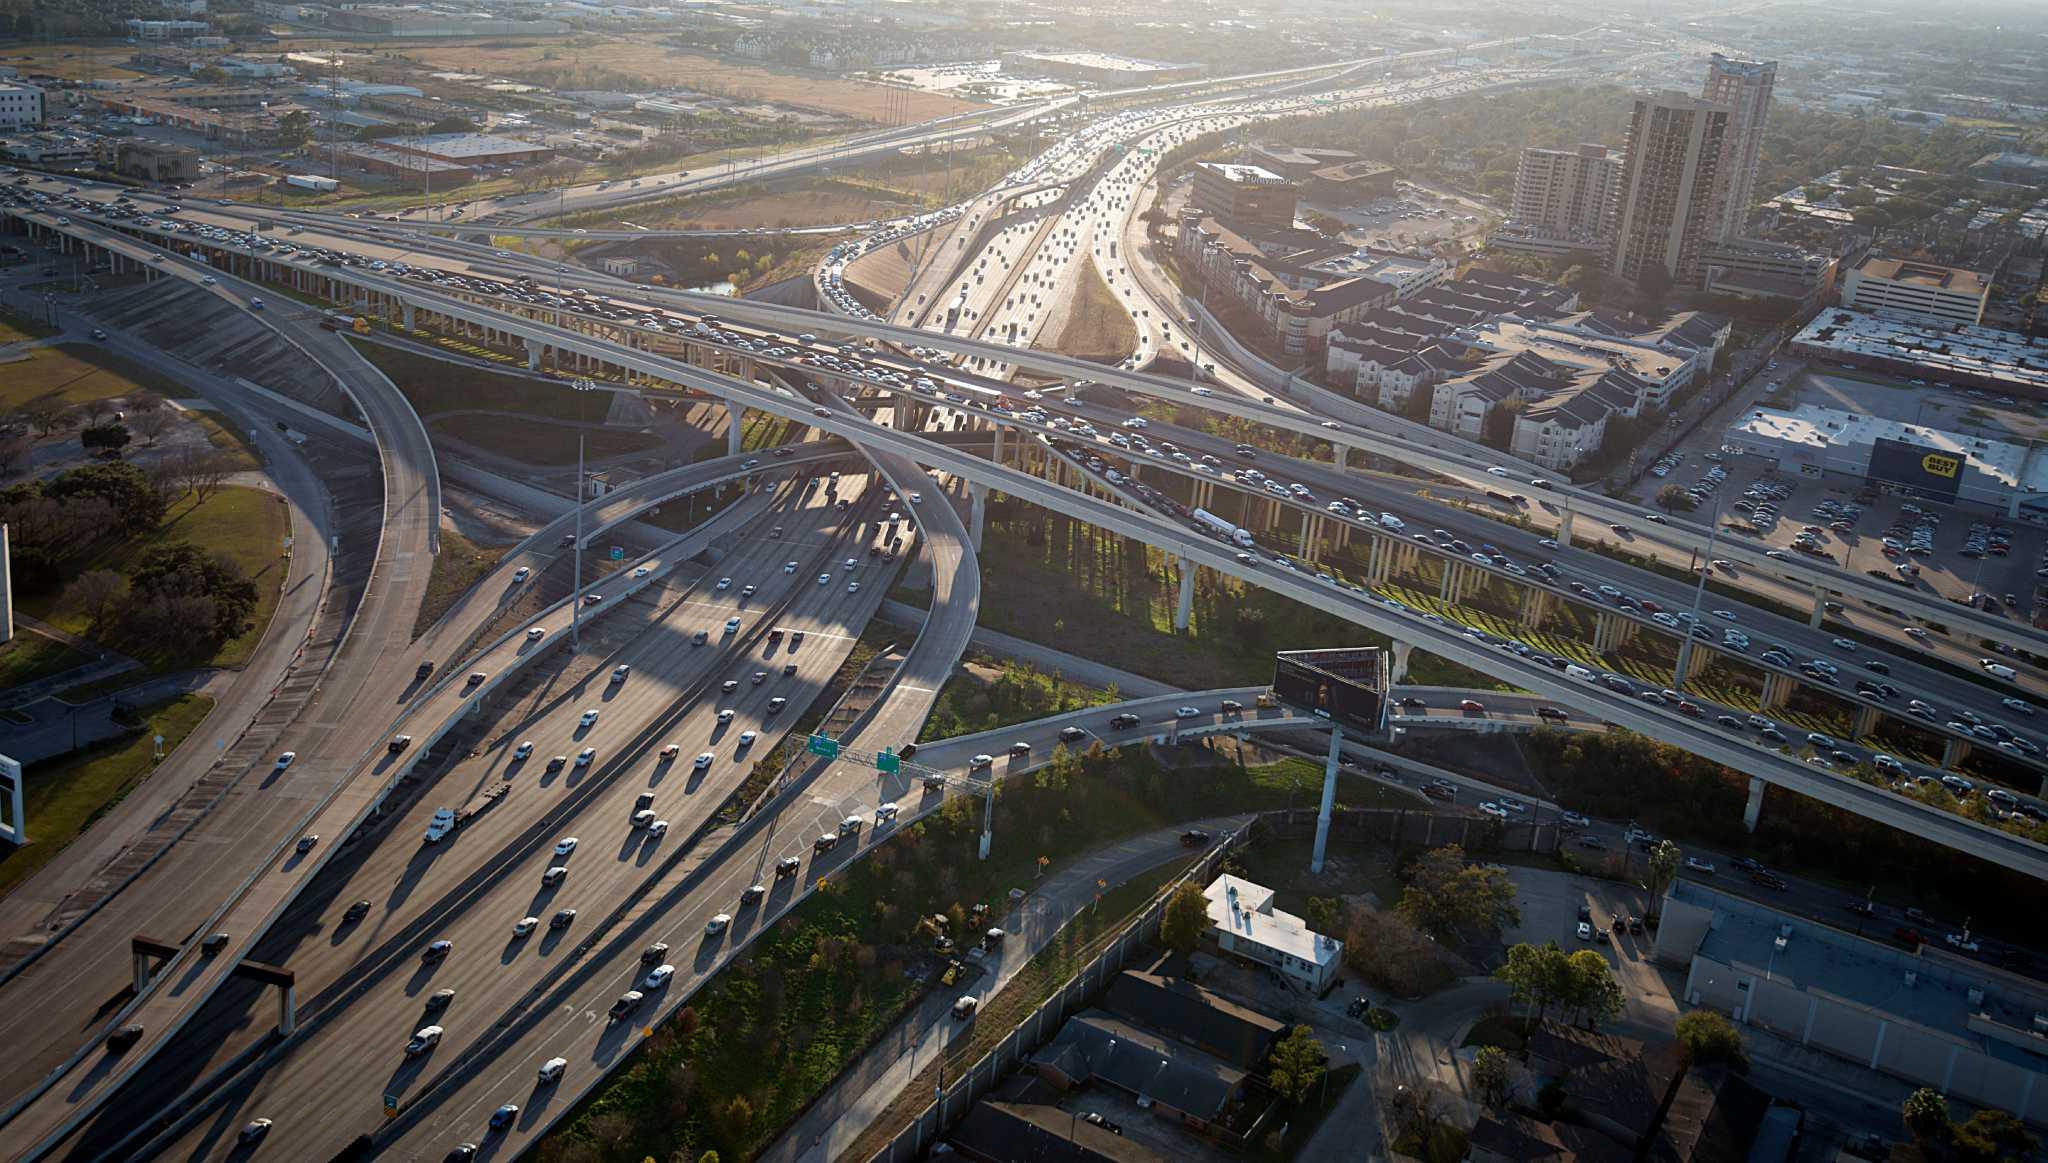 Ebay Local Classifieds >> Major Loop 610 interchange rebuild nears